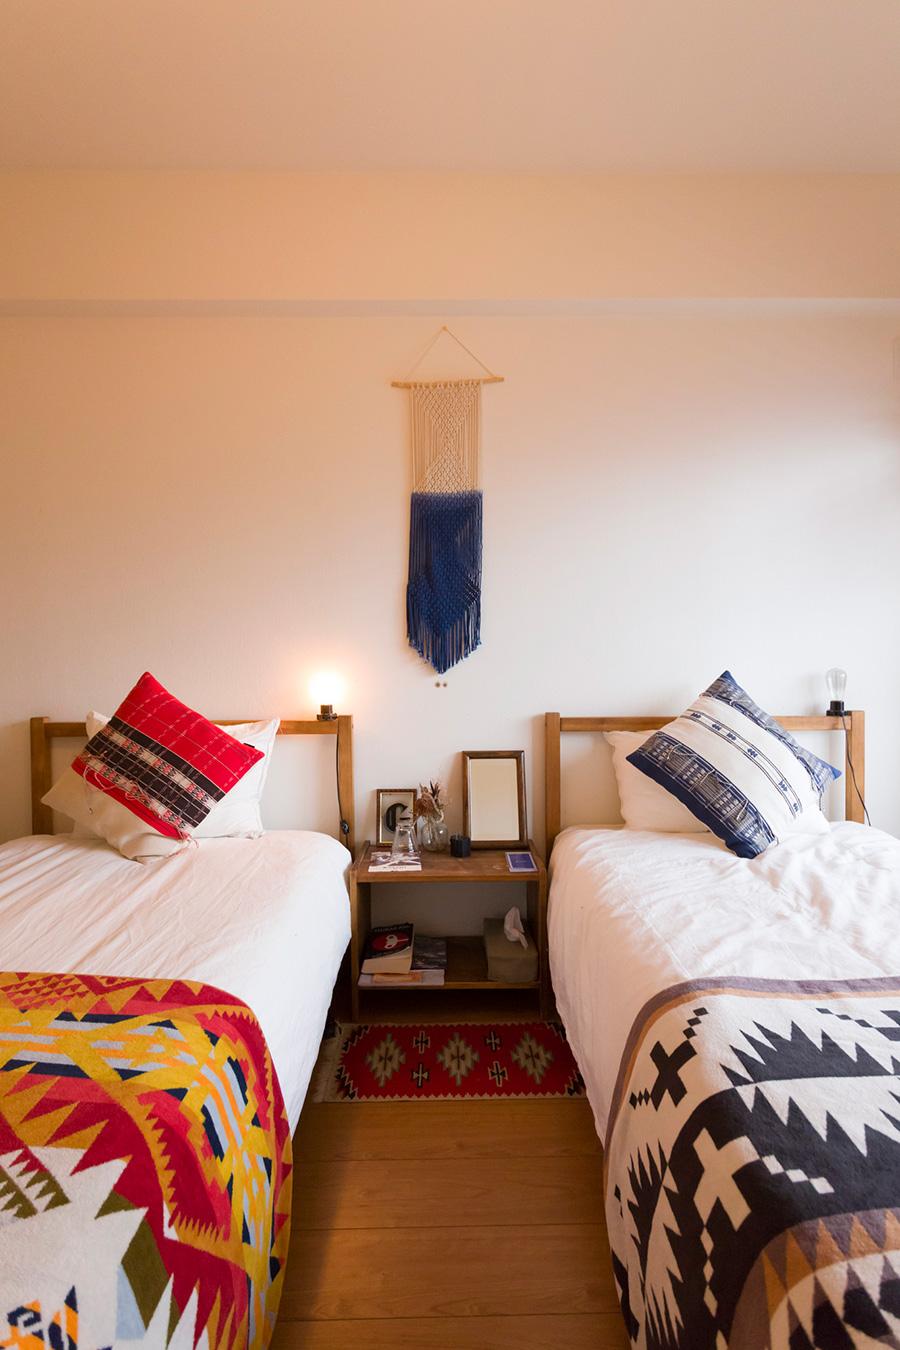 ゲストルームのベッドは、IKEAで買ったものにBRIWAXで色を塗り、古材のような雰囲気に仕上げた。